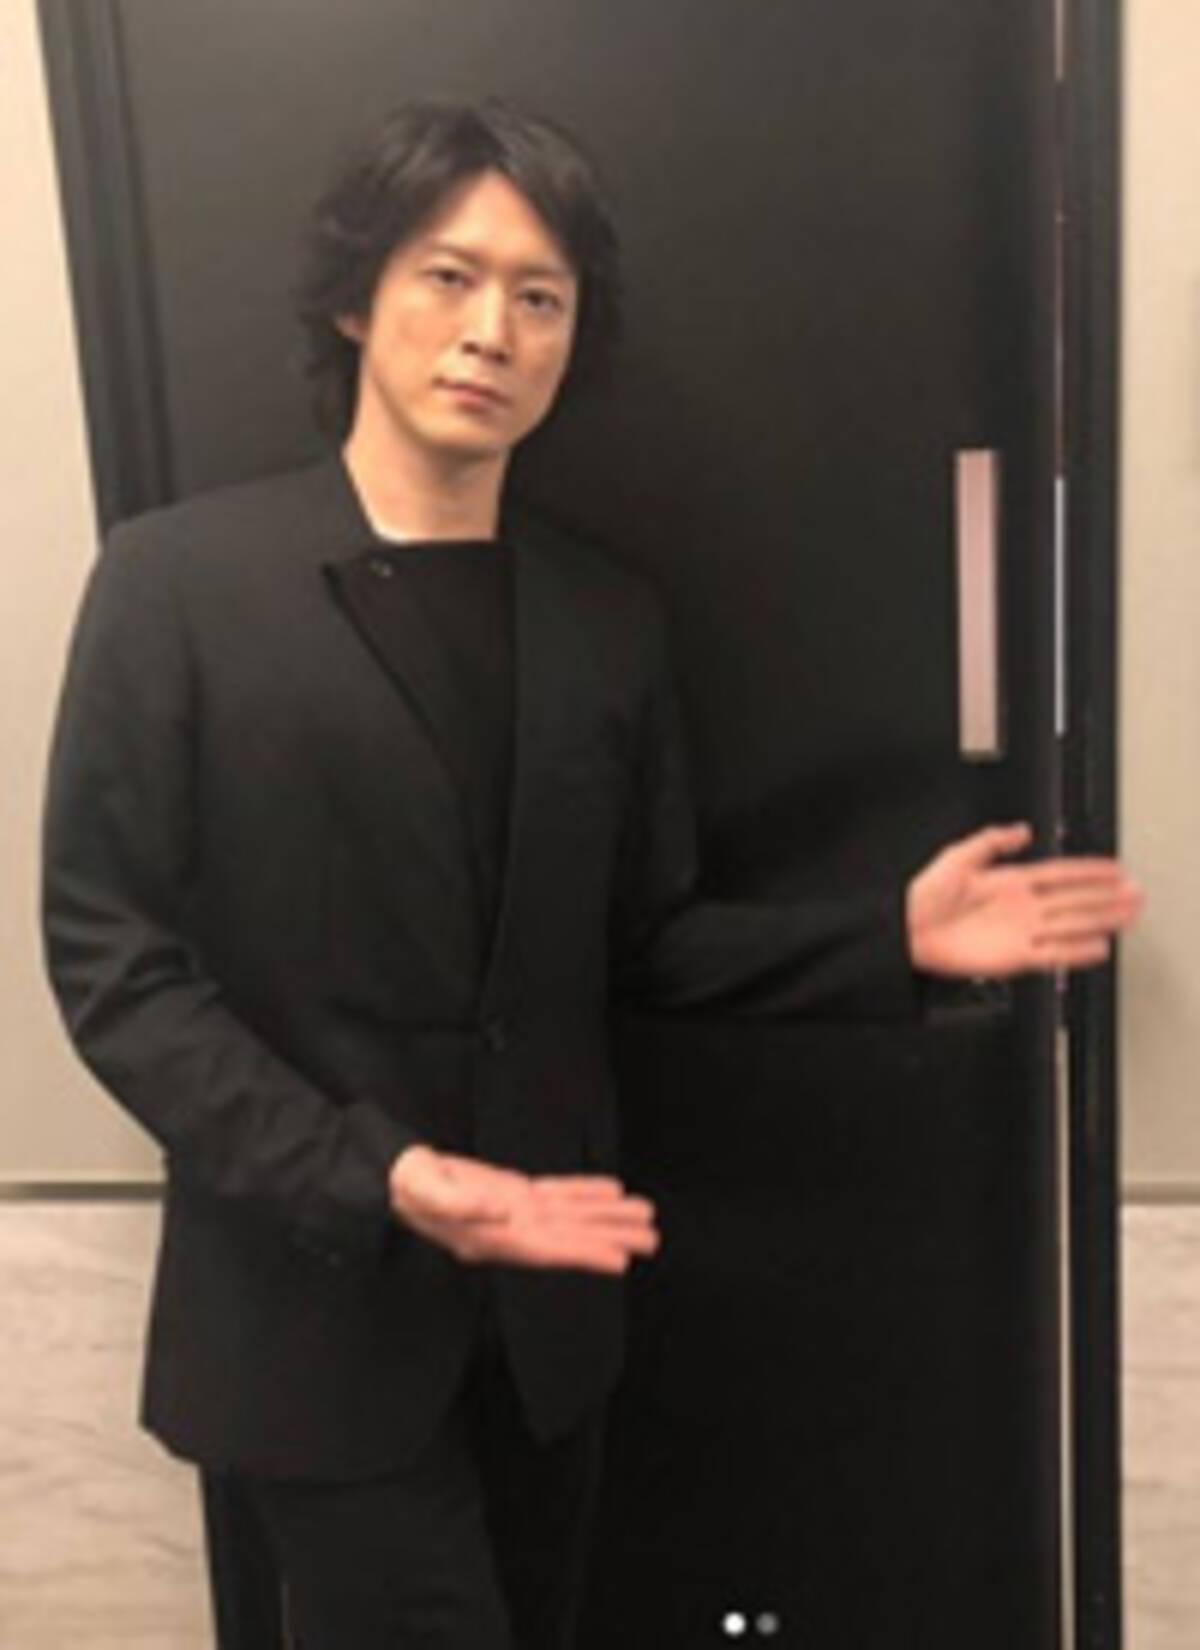 バレエダンサー宮尾俊太郎がついにブレイクか、一時はメディアを敬遠 ...